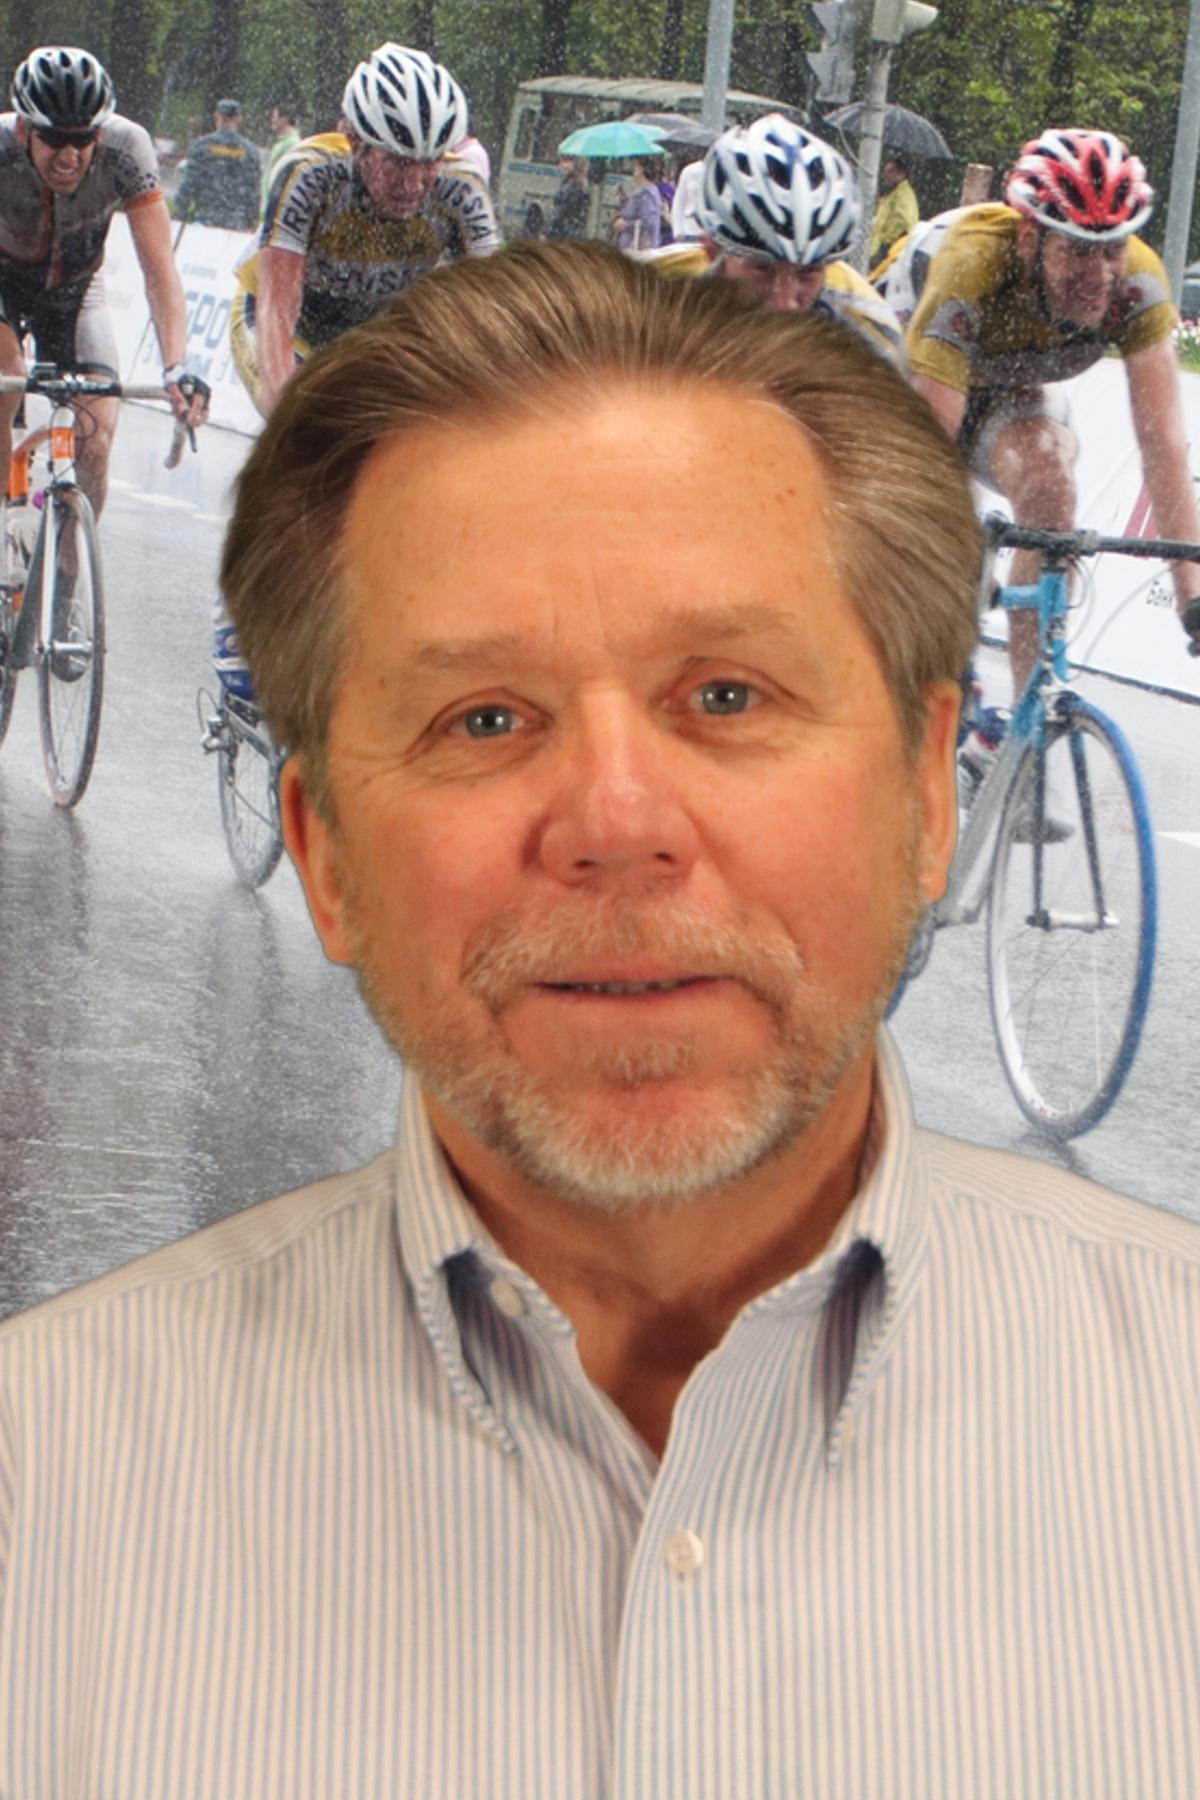 Greg Majewski